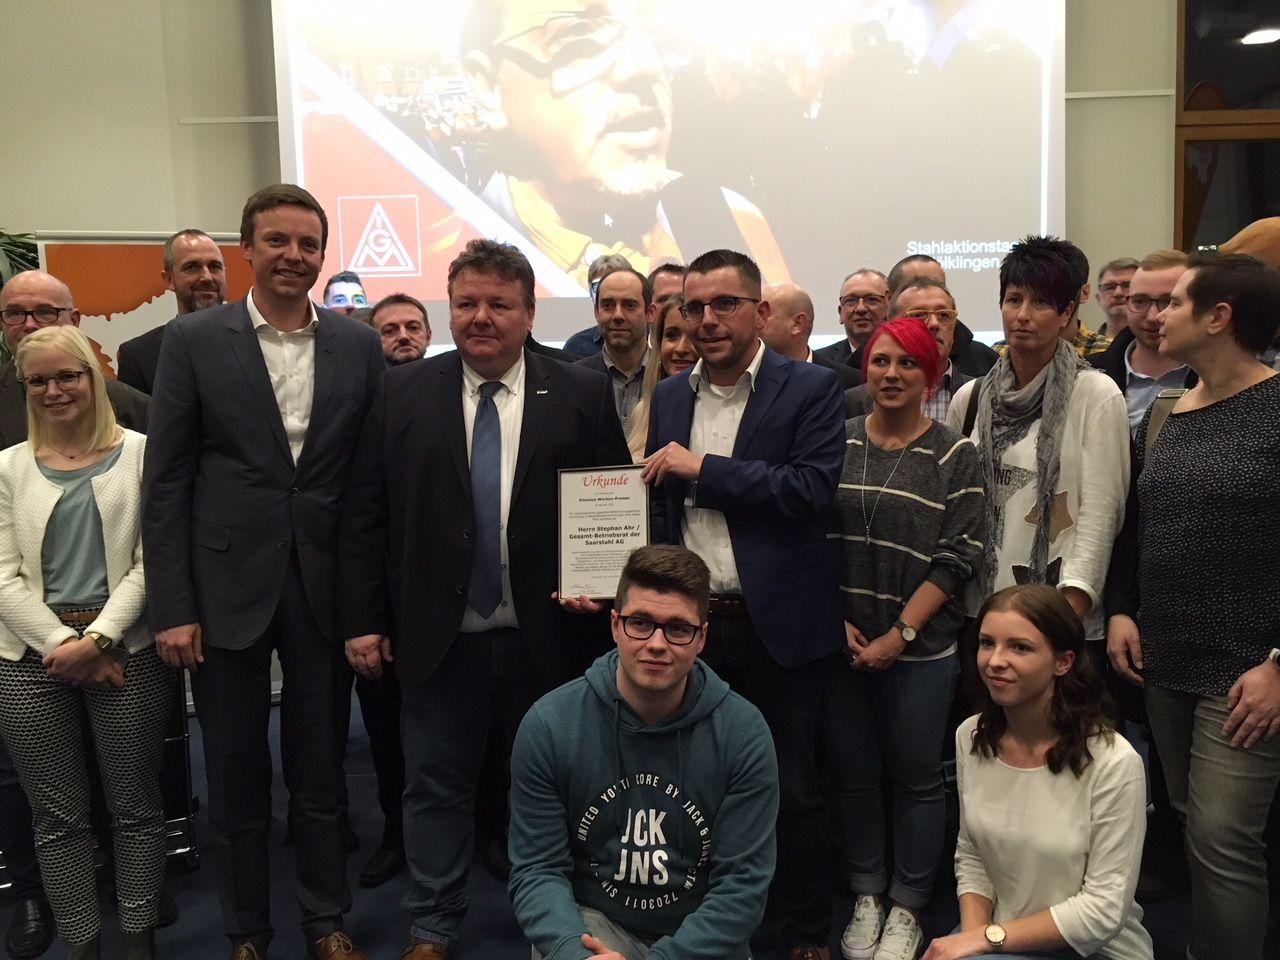 CDU Fraktion des Saarlandes: CDU-Landtagsfraktion empfängt Betriebs- und Personalräte